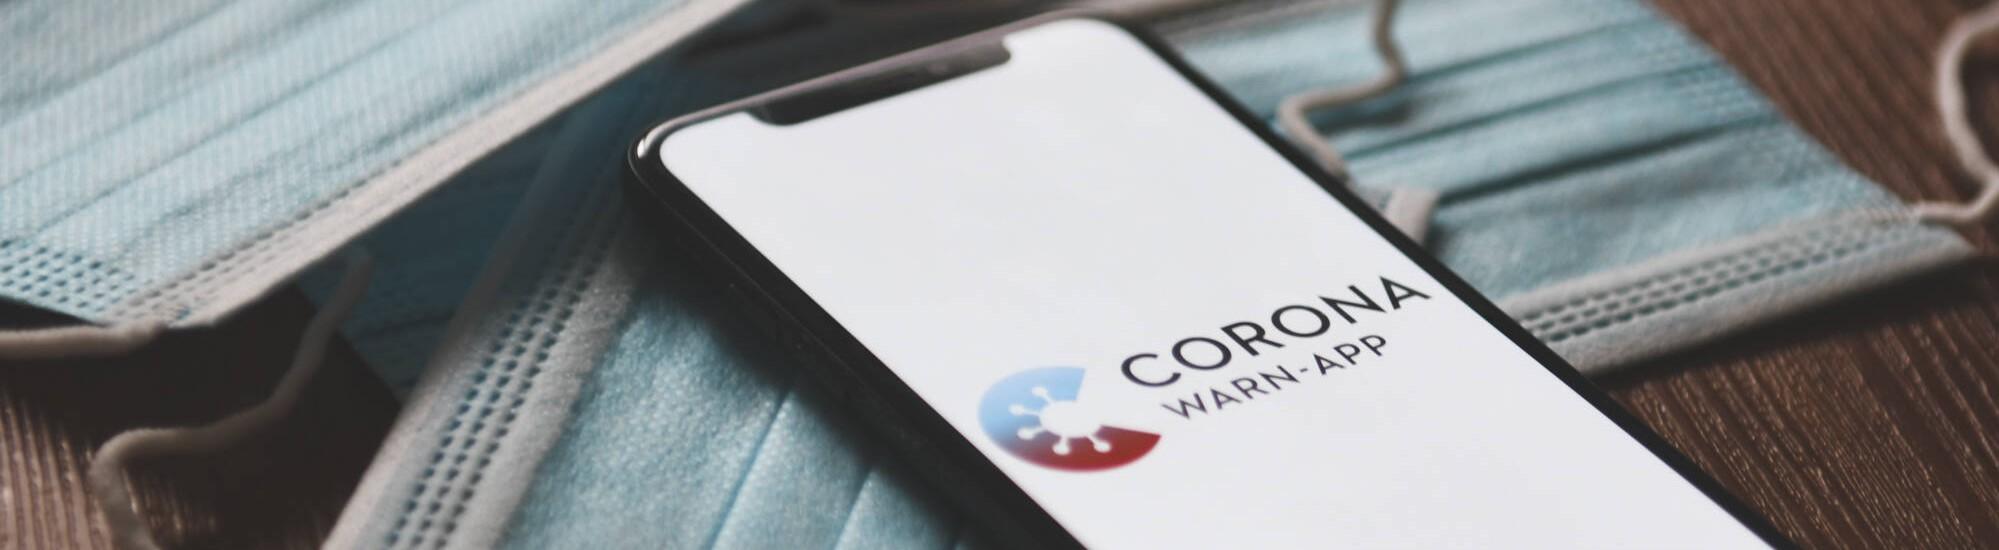 Die Corona-Warn-App auf einem Smartphone.